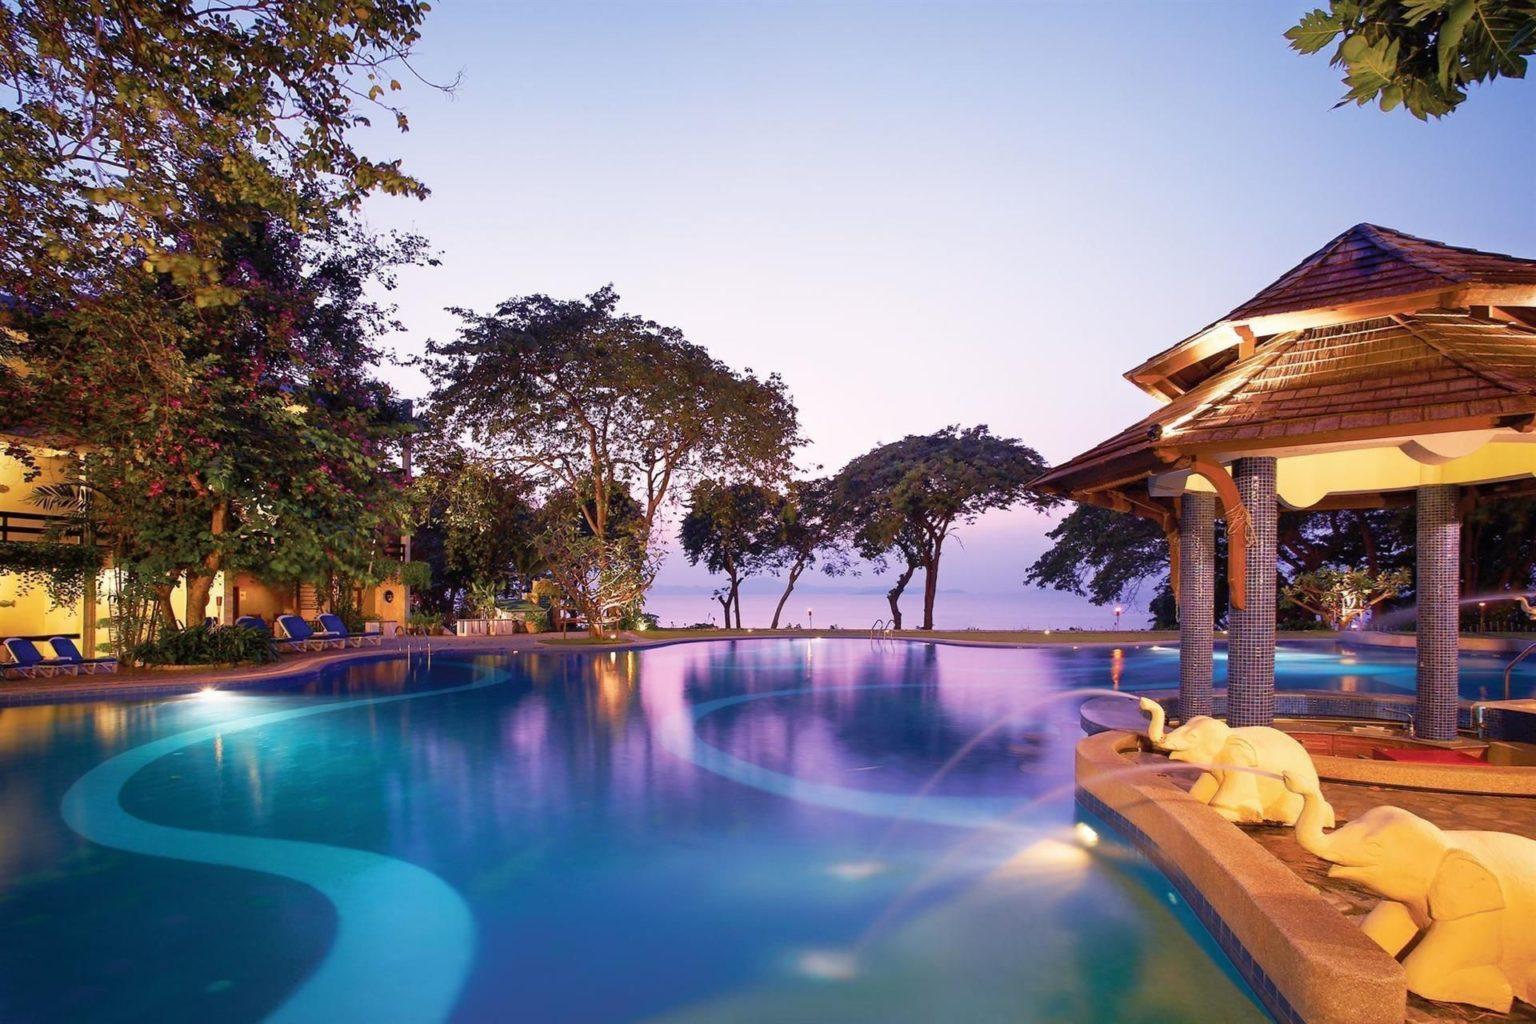 Министр туризма заявил, что будет жестко бороться с мошенниками в сфере туризма Таиланда